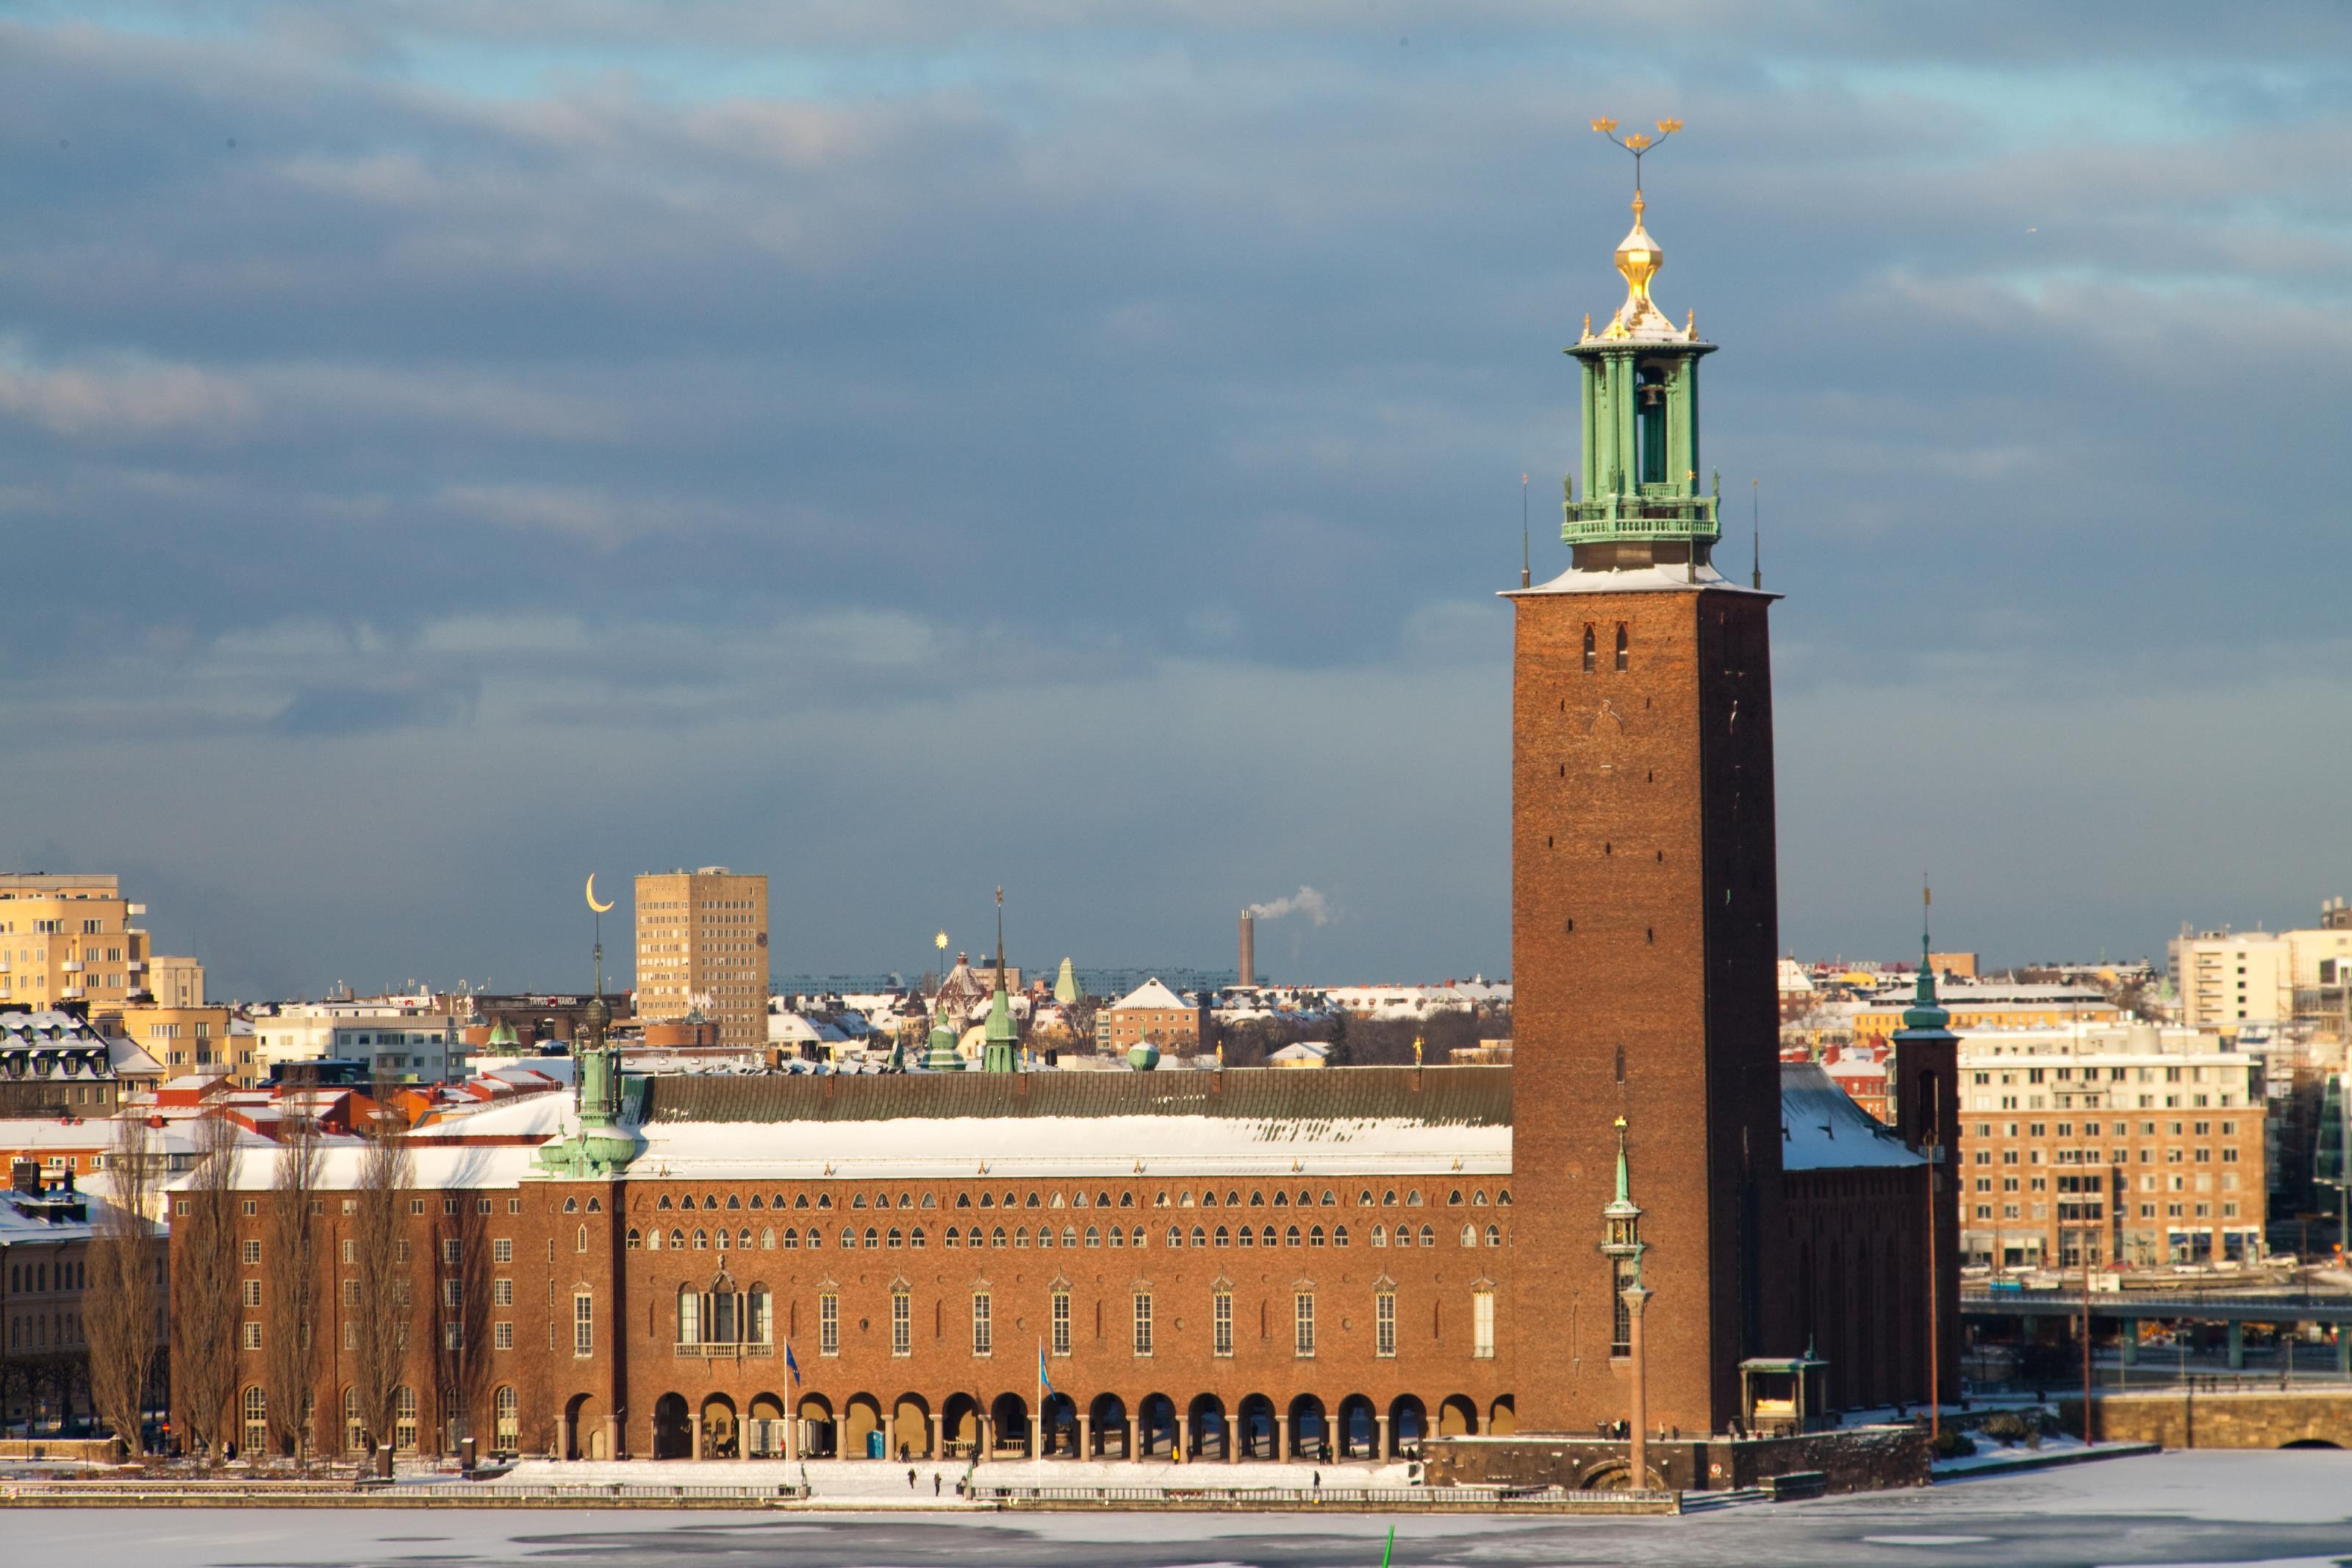 gratis kontakt just nu stockholm